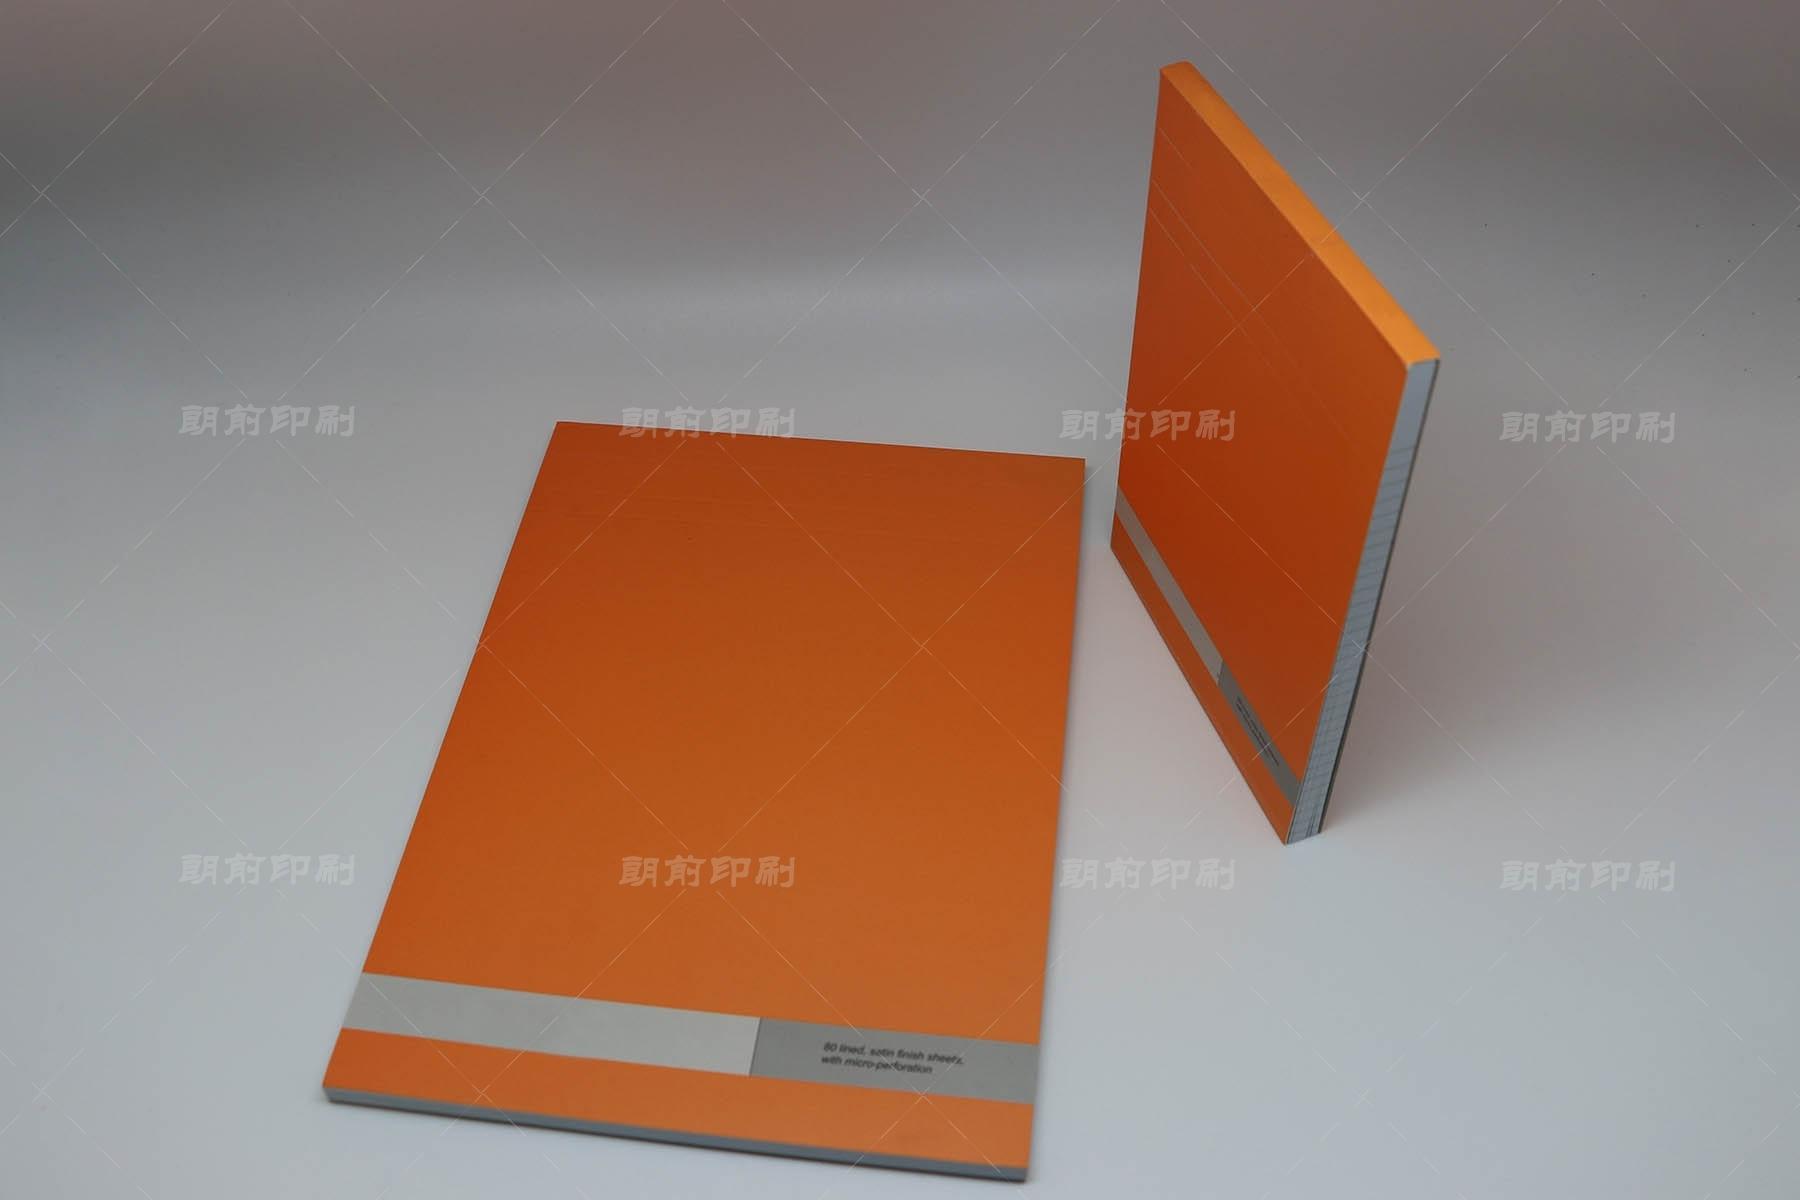 广州画册设计跨页如何印刷 广州产品样本画册印刷